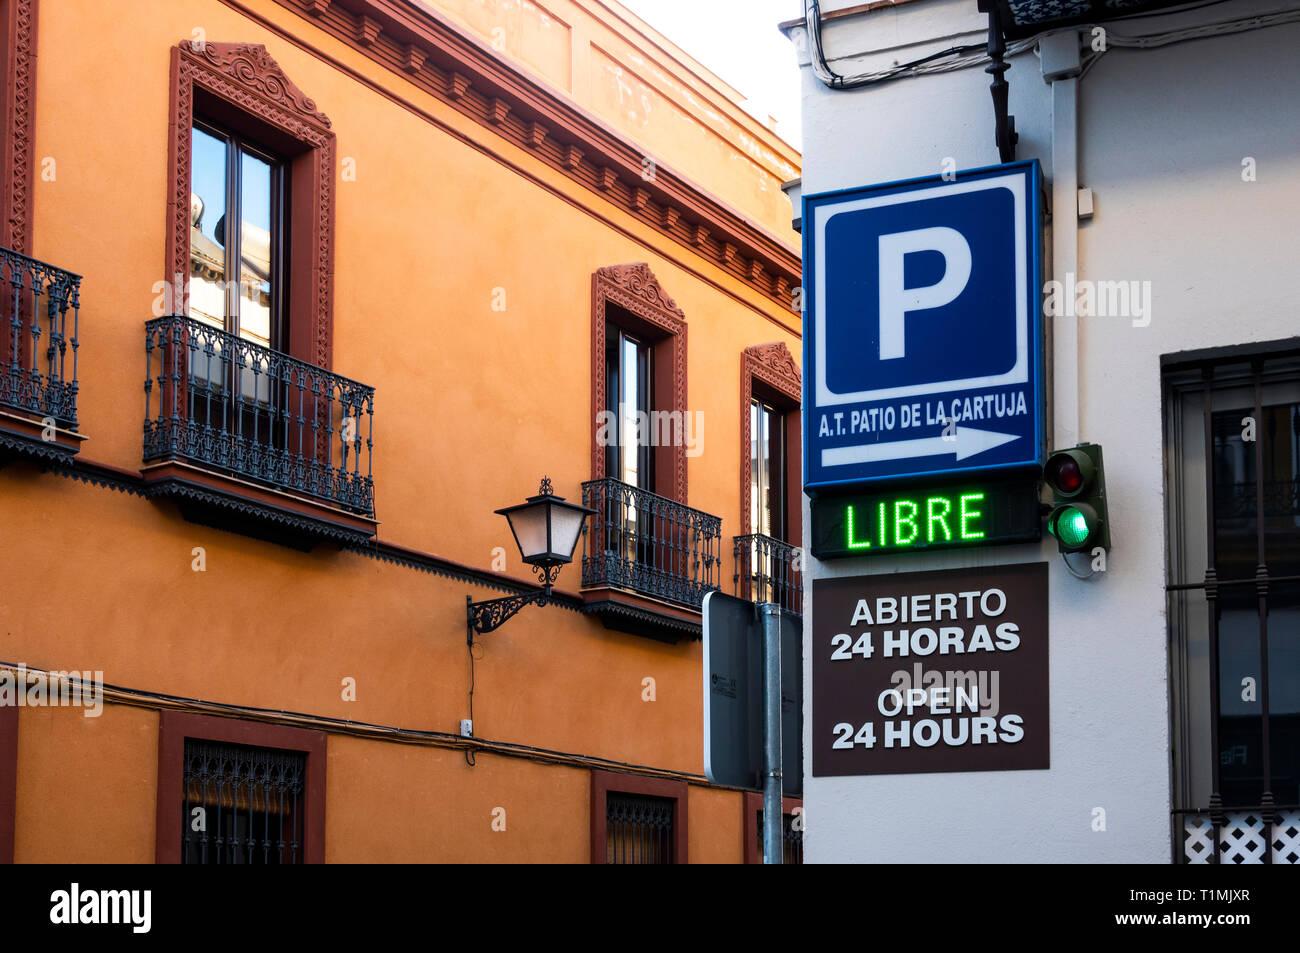 Inscrivez-vous pour un garage de stationnement payé à Séville. La lumière verte et Libre signer montrent qu'il y a de l'espace disponible Photo Stock